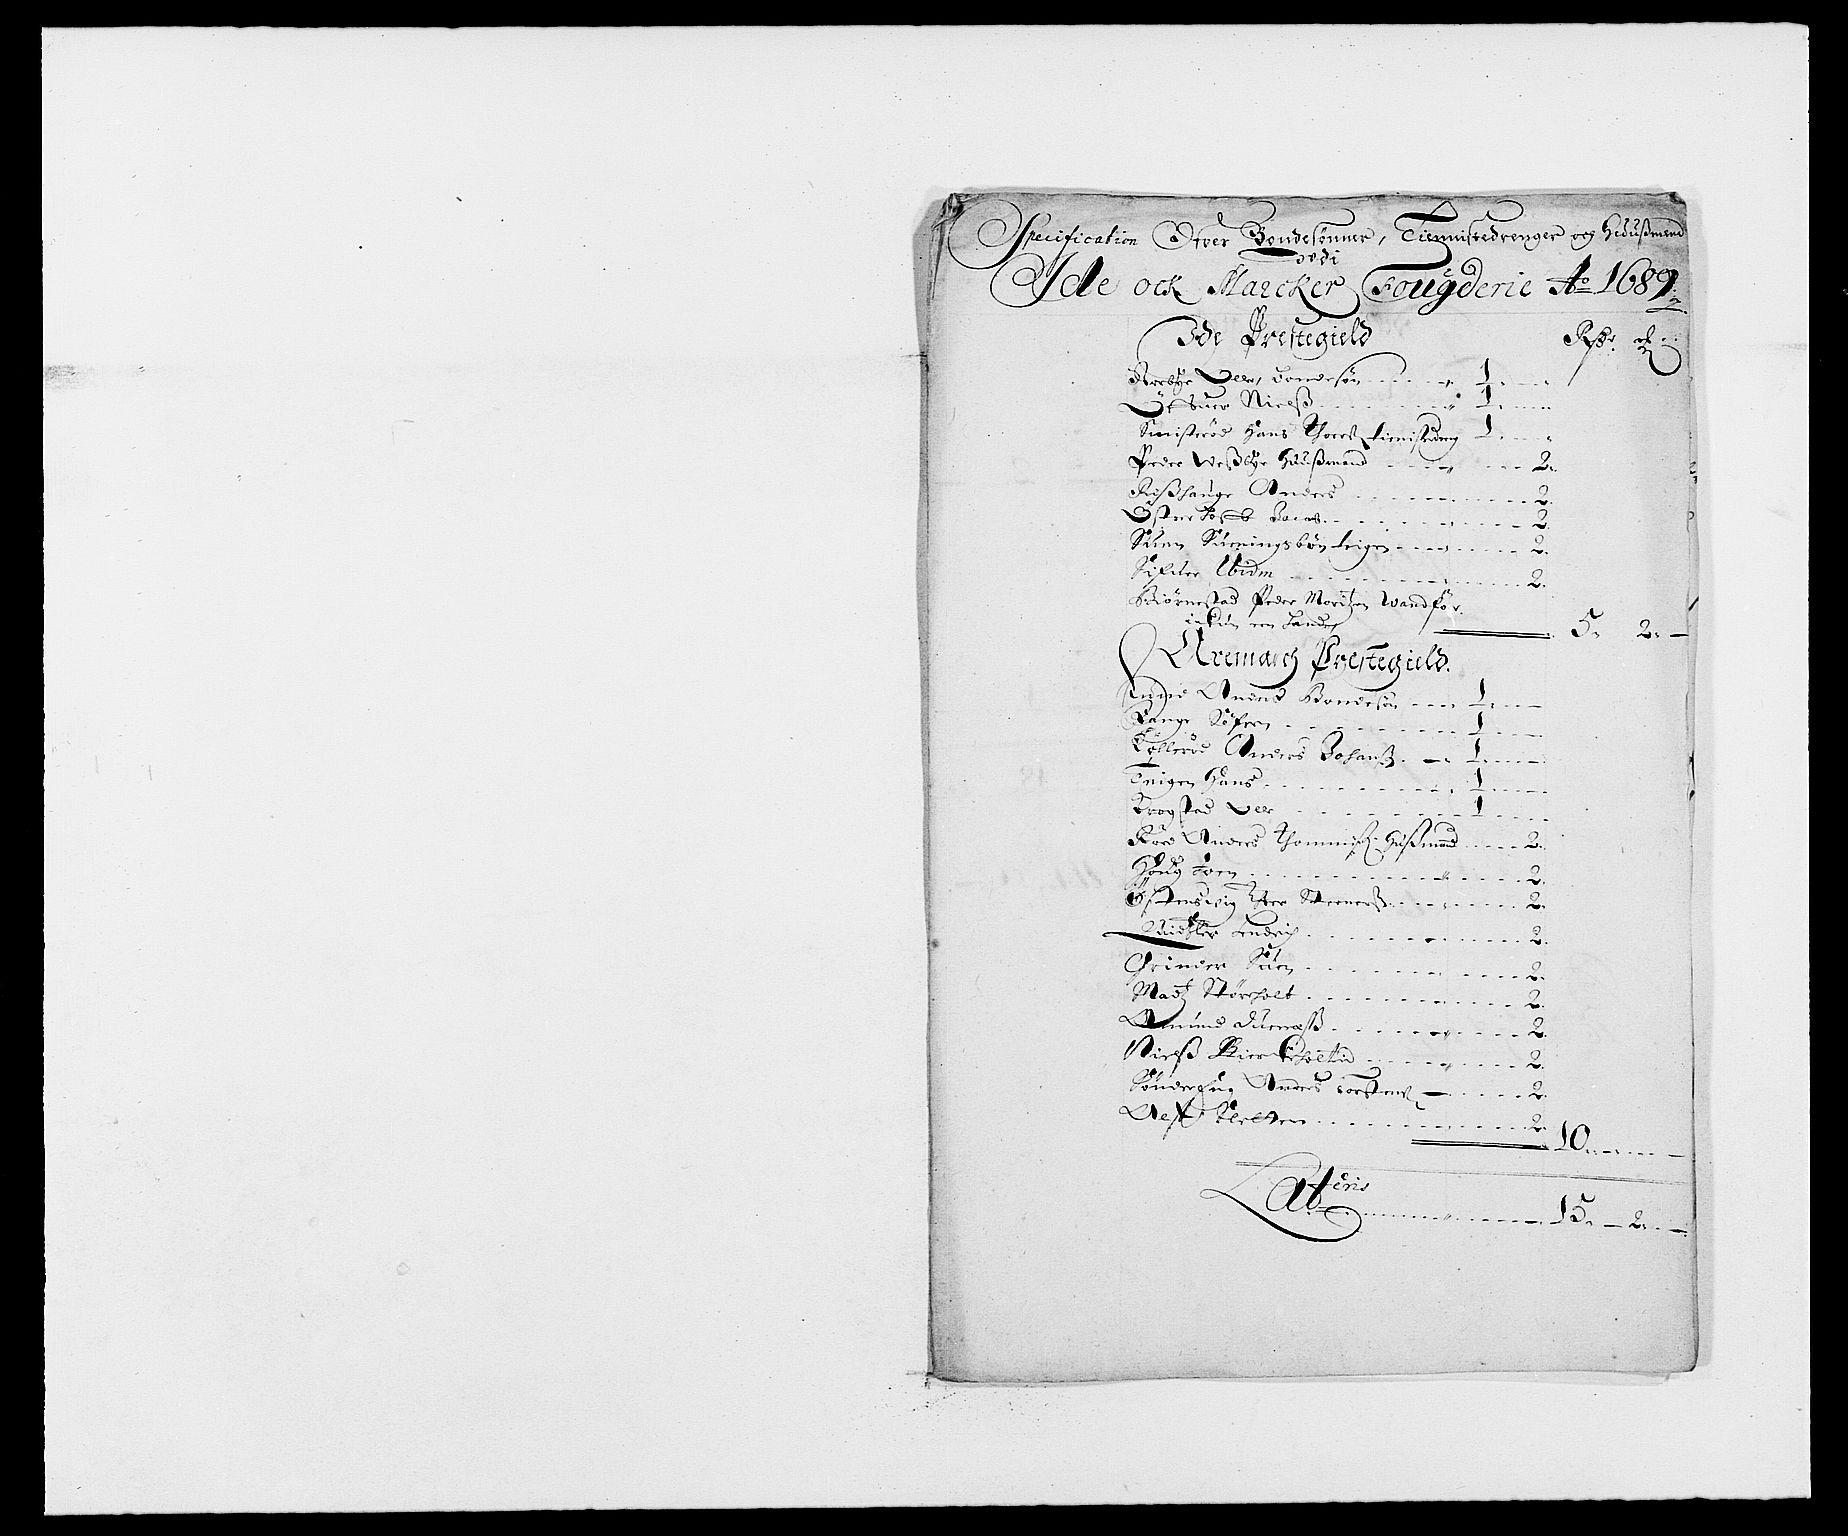 RA, Rentekammeret inntil 1814, Reviderte regnskaper, Fogderegnskap, R01/L0008: Fogderegnskap Idd og Marker, 1689, s. 183